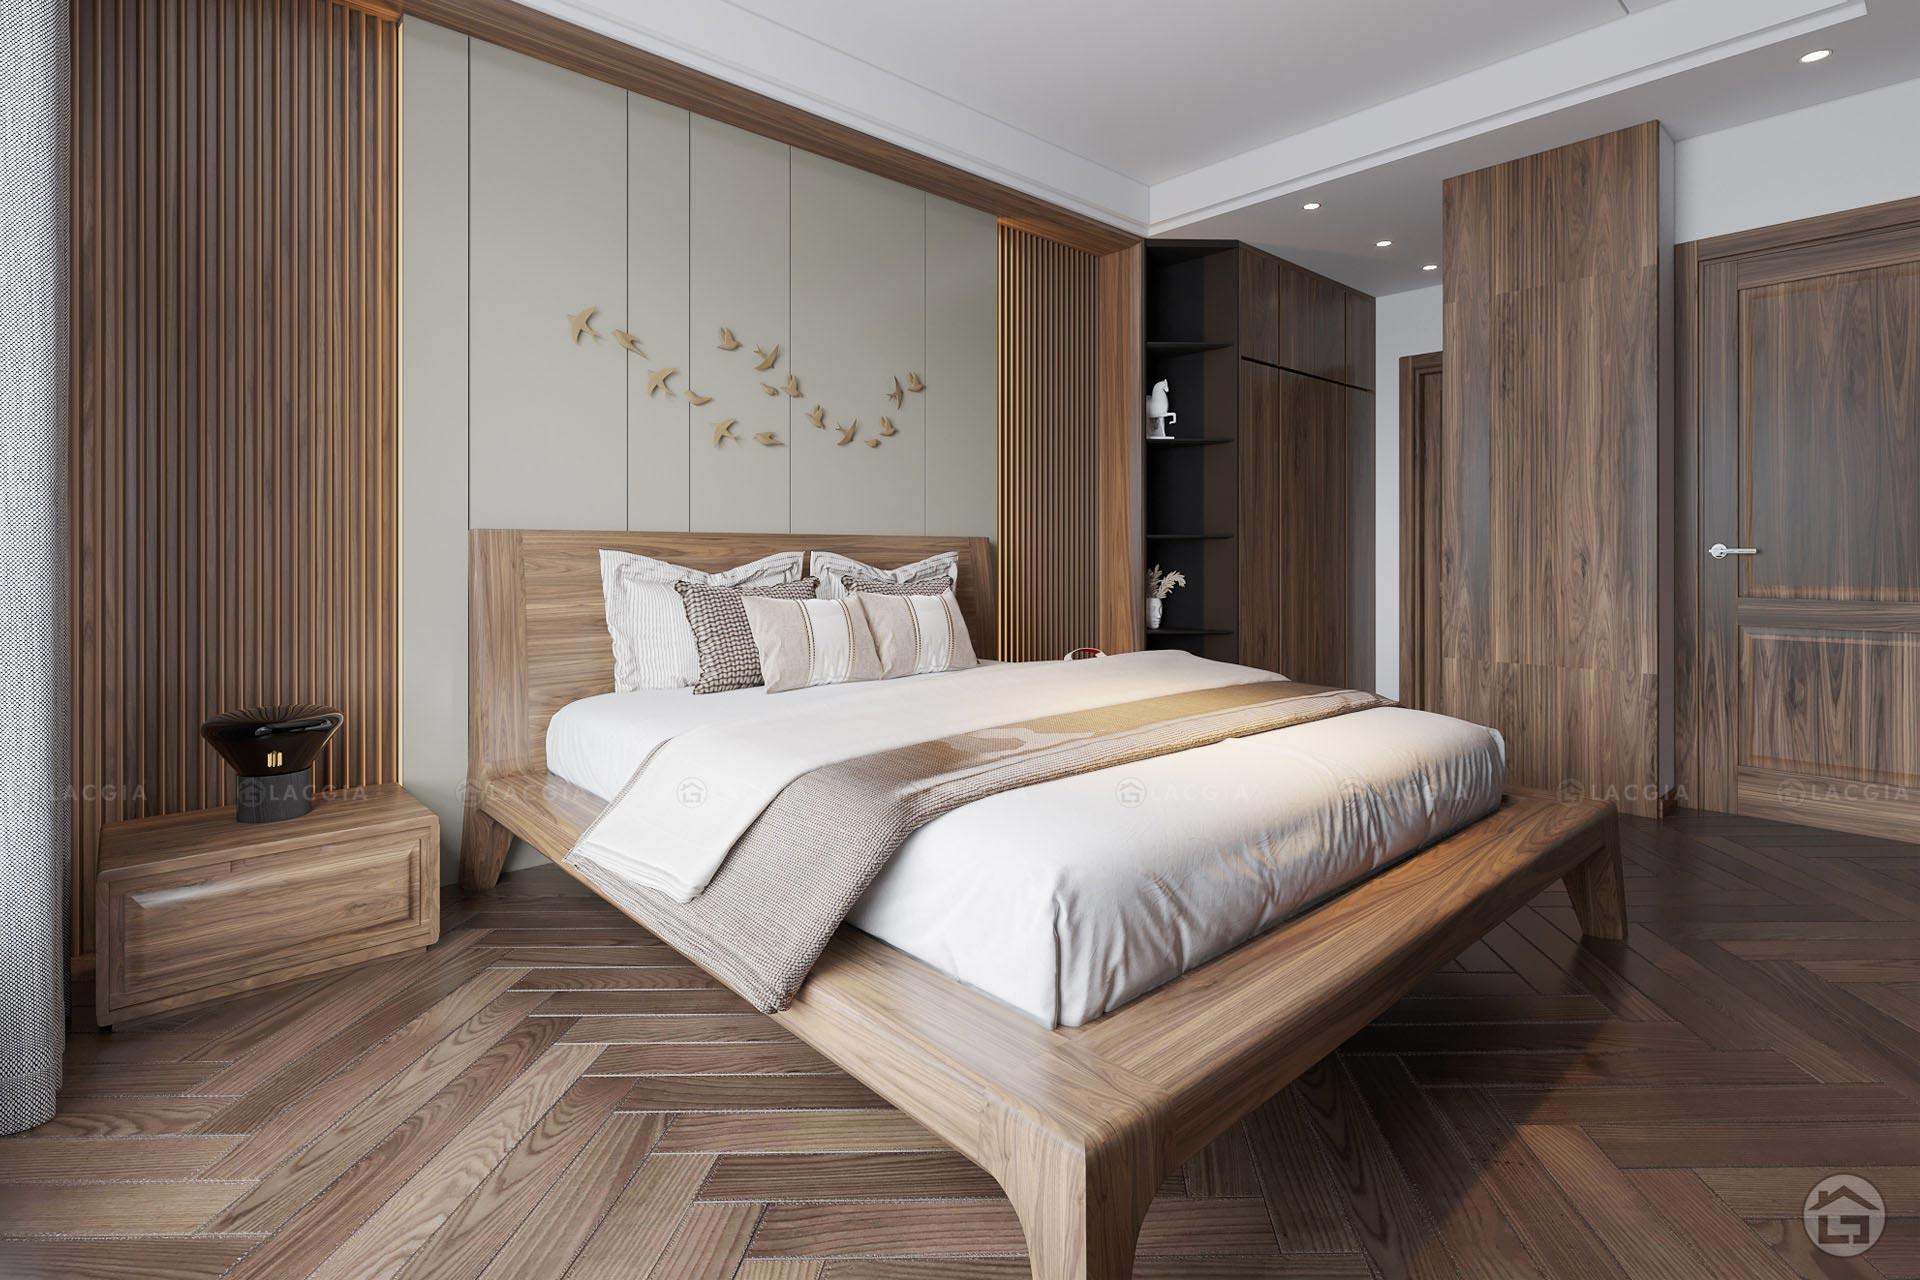 thiet ke noi that chung cu king place 124m2 11 - Thiết kế nội thất chung cư cao cấp King Palace